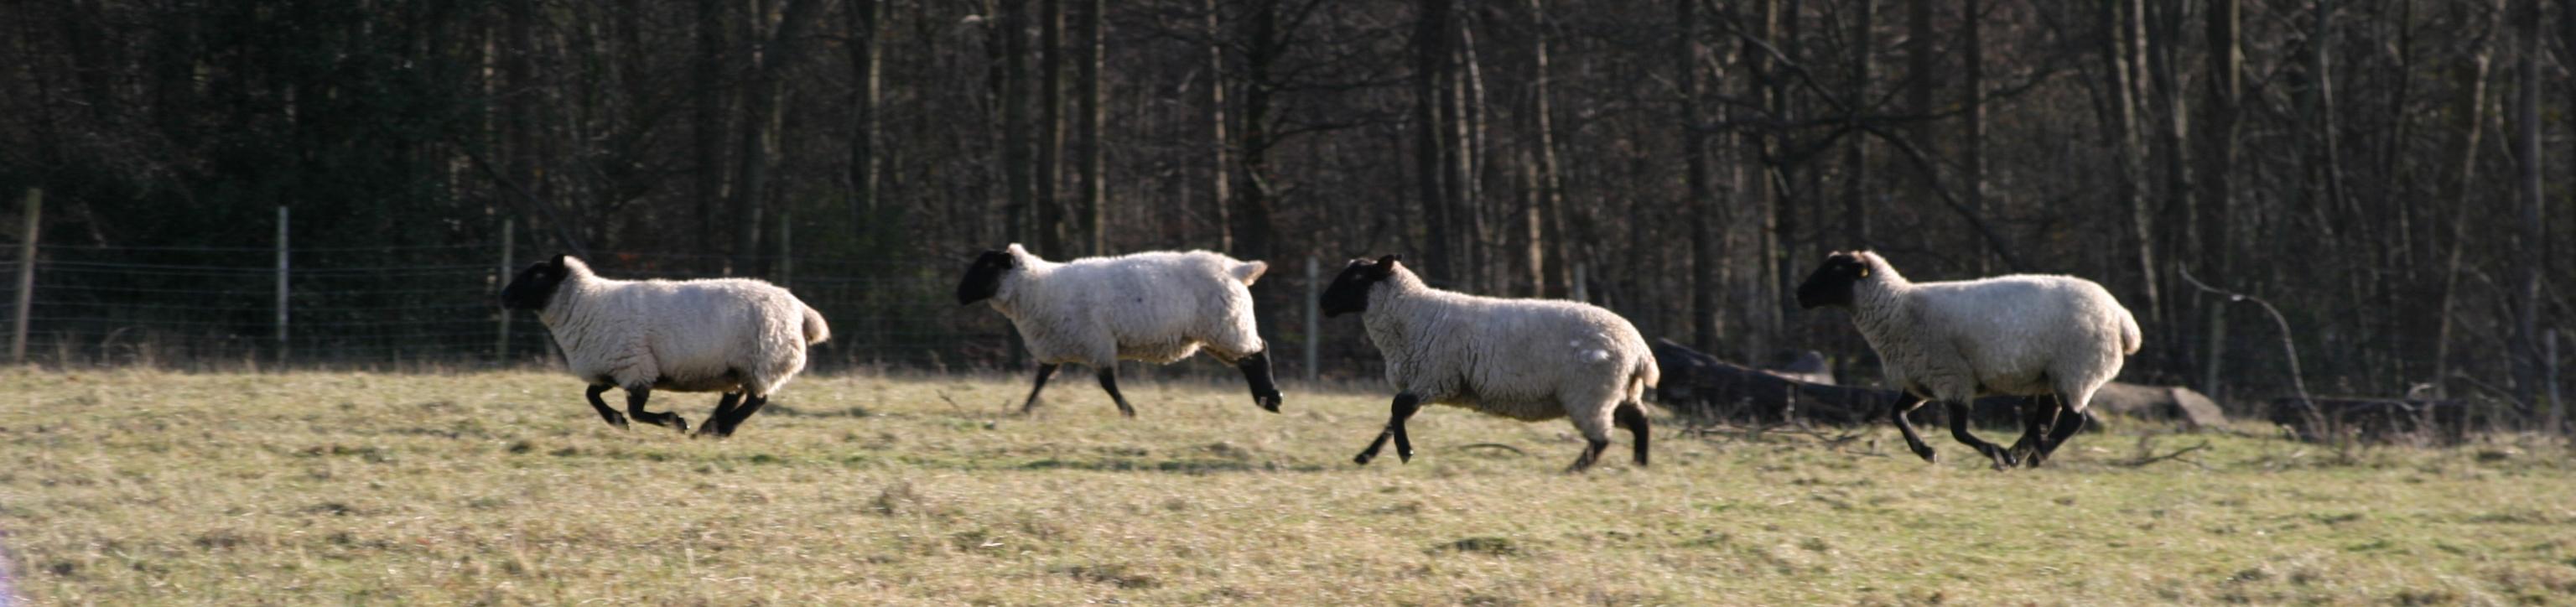 Sheep, Great Missenden